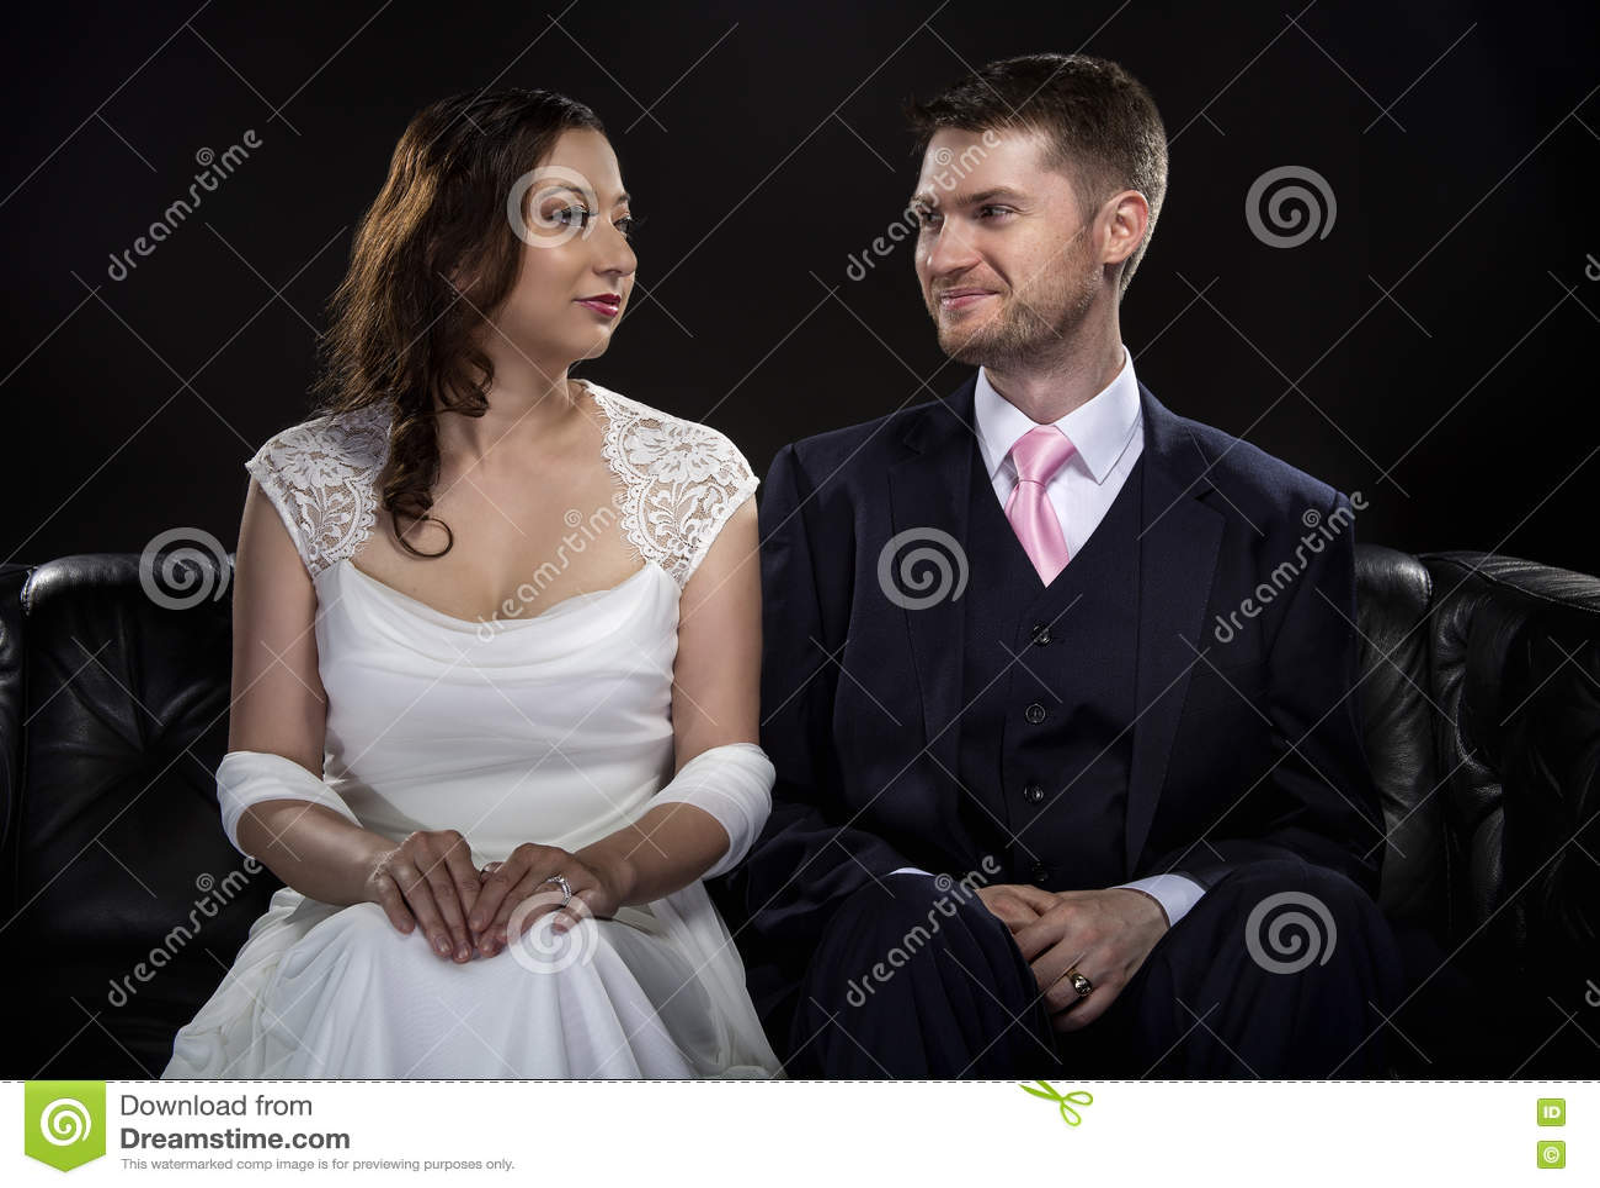 塑造艺术装饰样式婚礼衣服和礼服的允诺的夫妇